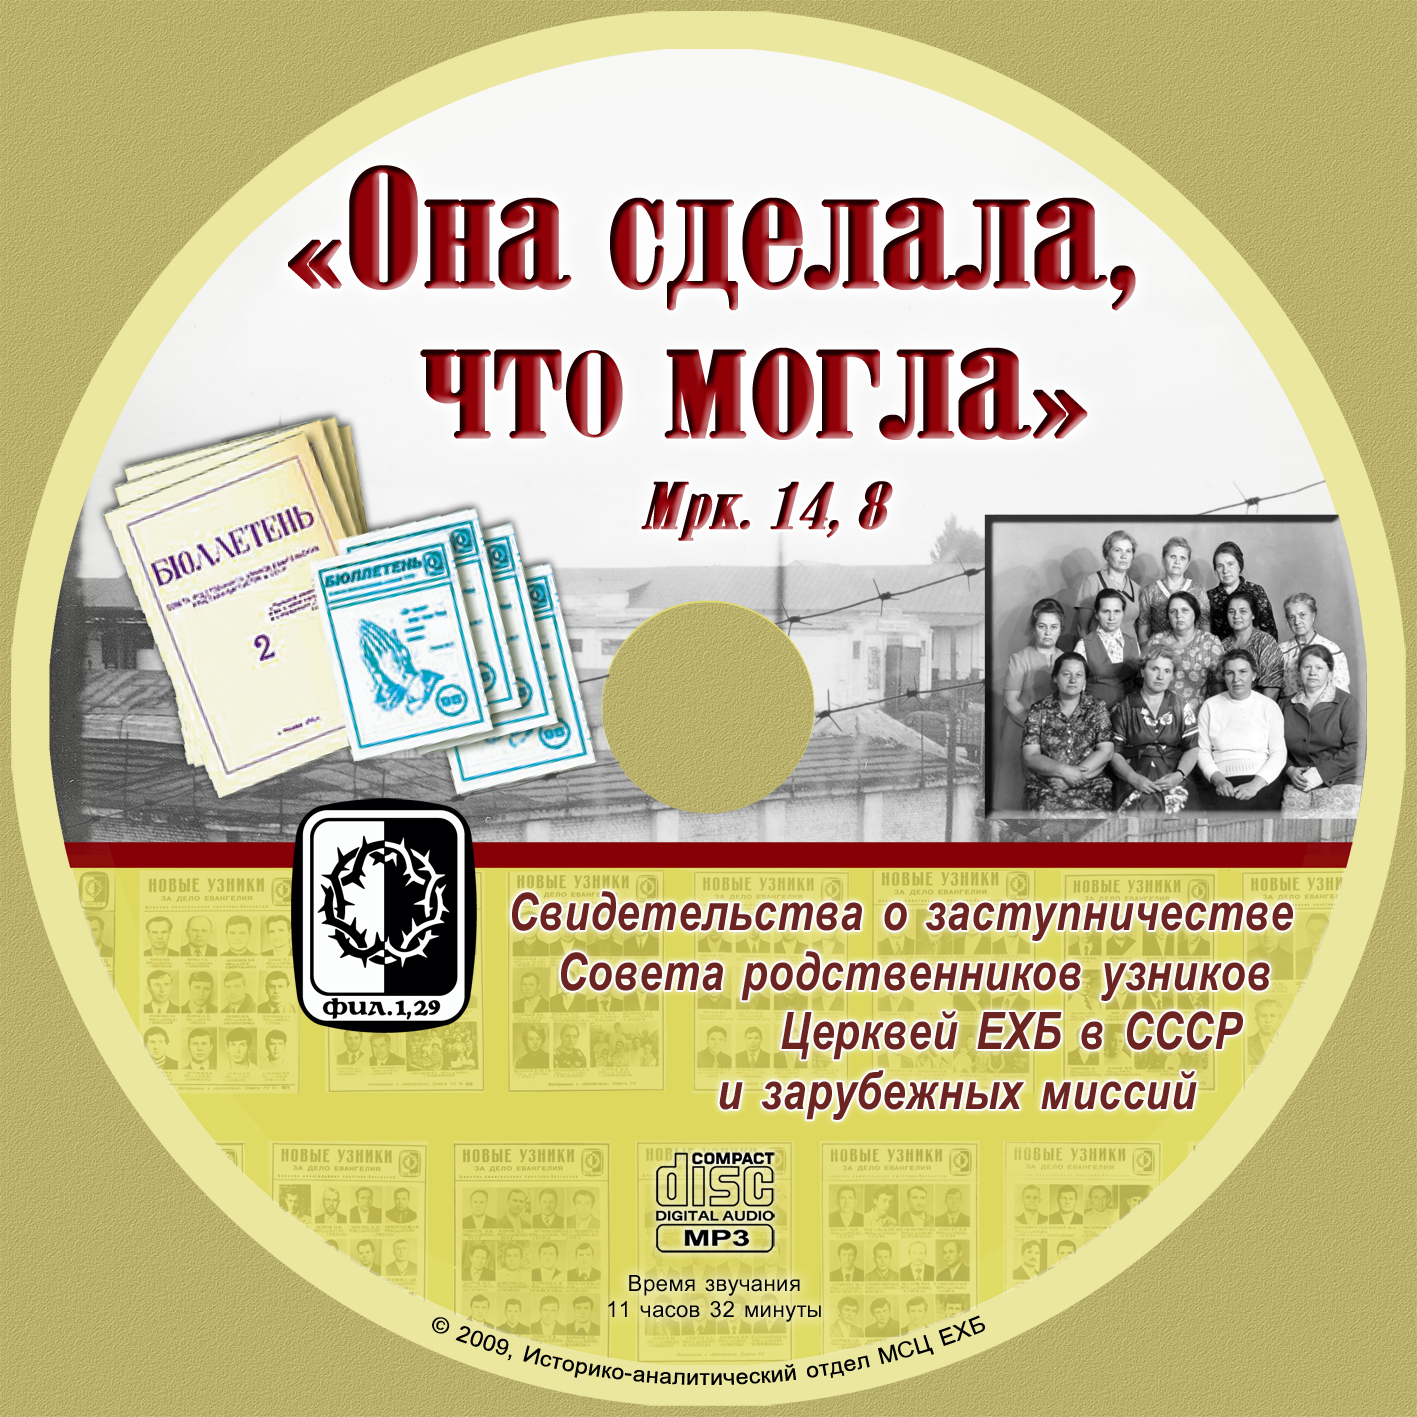 Она сделала, что могла… Свидетельства о заступничестве Совета родственников узников церквей ЕХБ в СССР и зарубежных миссий. 2009 г.